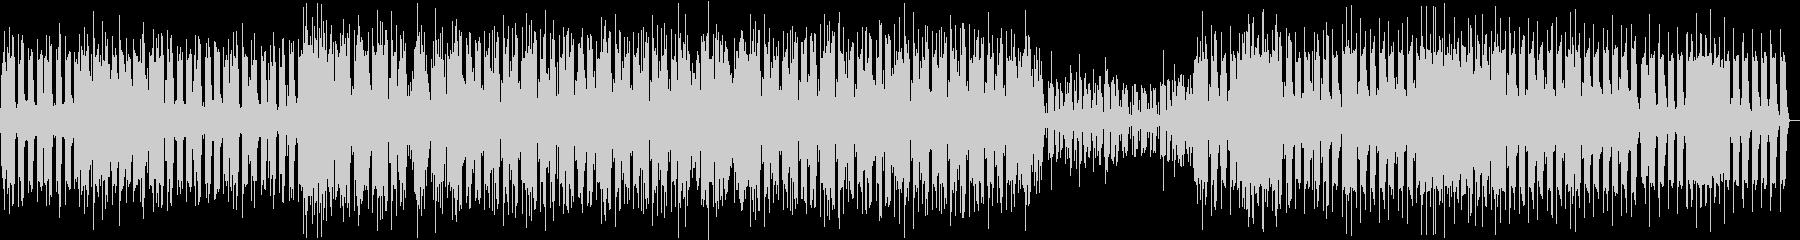 シンプルなミニマルテクノの未再生の波形